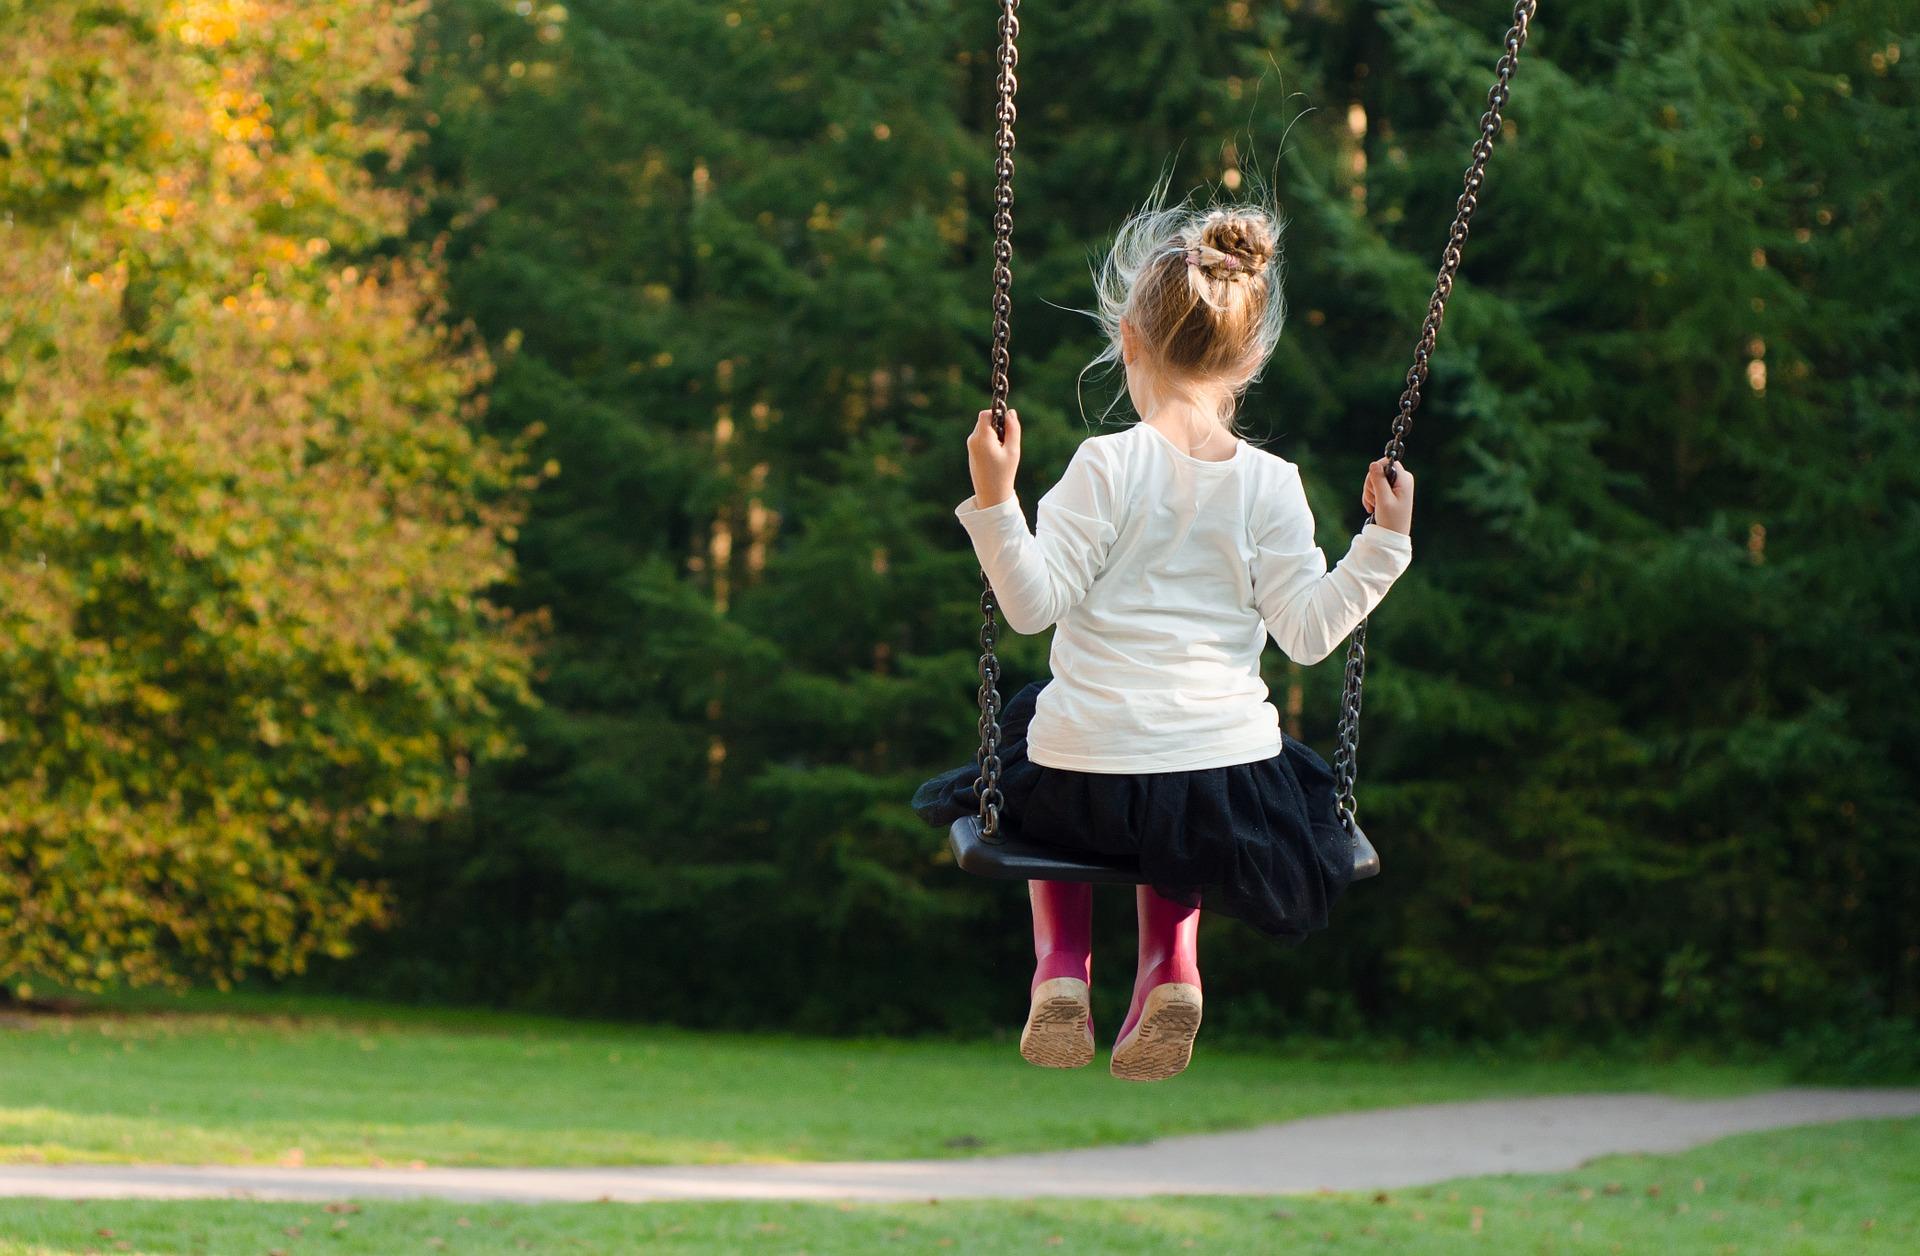 NOTIZIE DAL CNIL: Smartwatch Per Bambini, Quali Sono I Problemi Per La Loro Privacy?